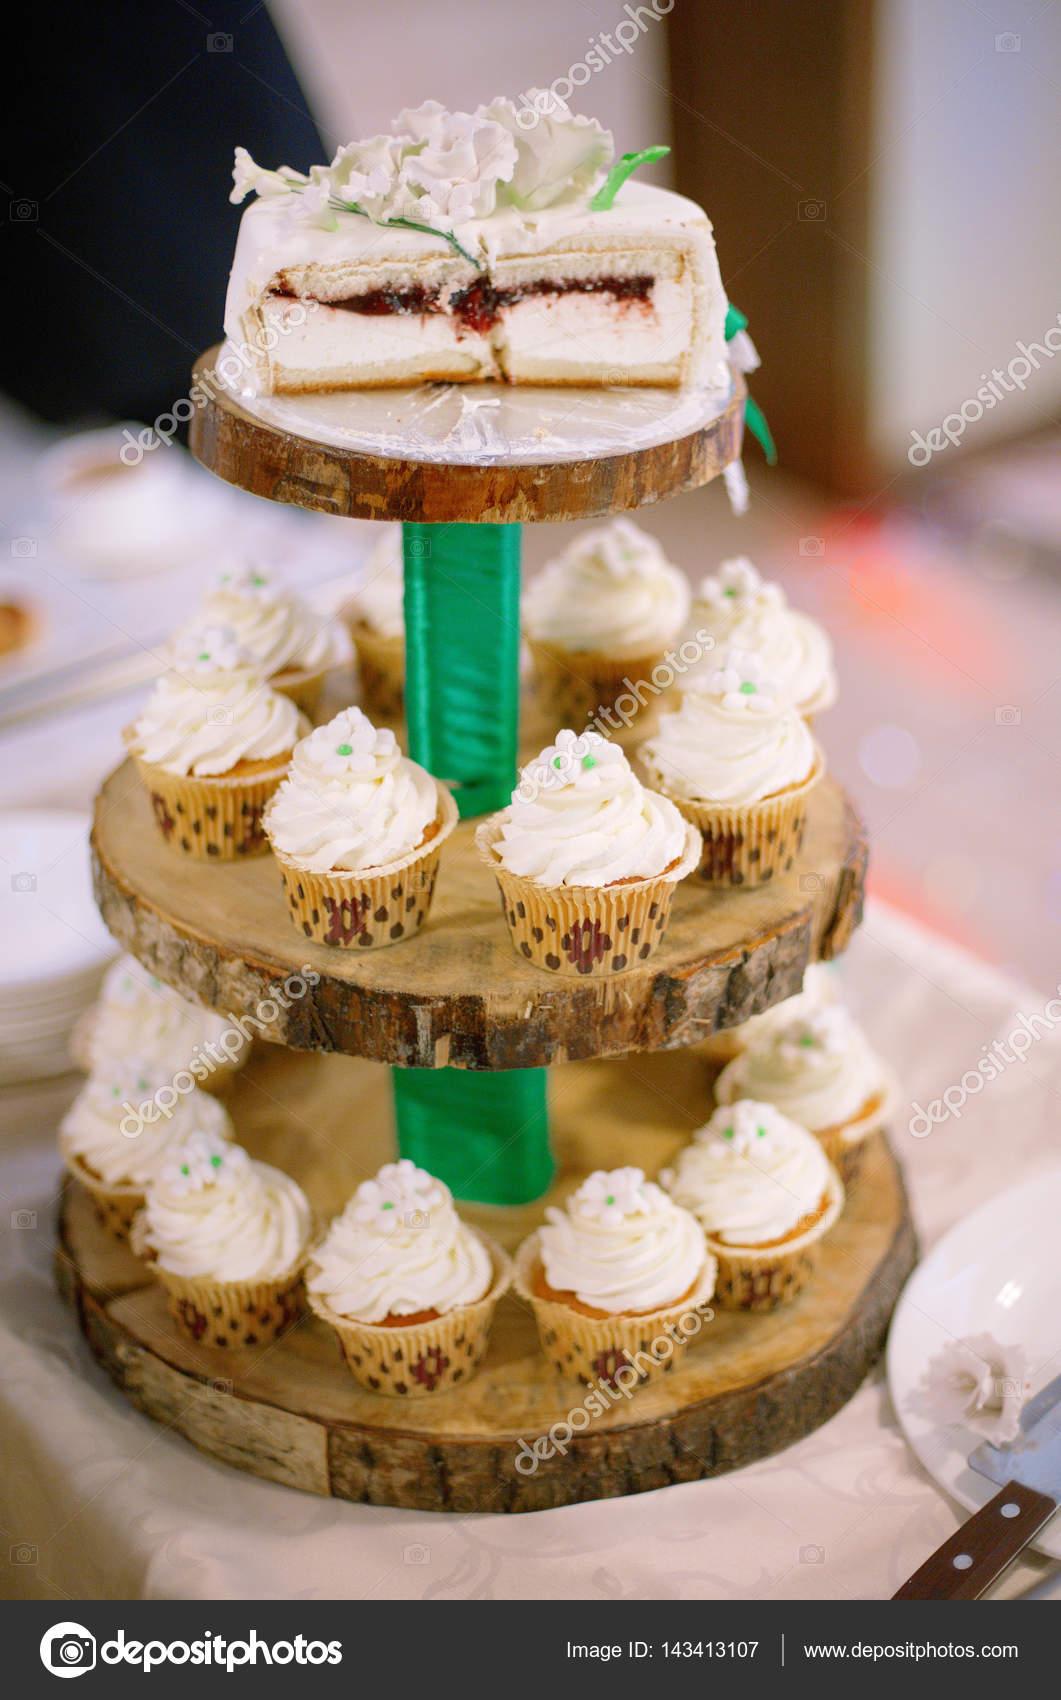 Hochzeitstorte Mit Weissen Rosen Und Cupcakes Mit Sahne Auf Einem